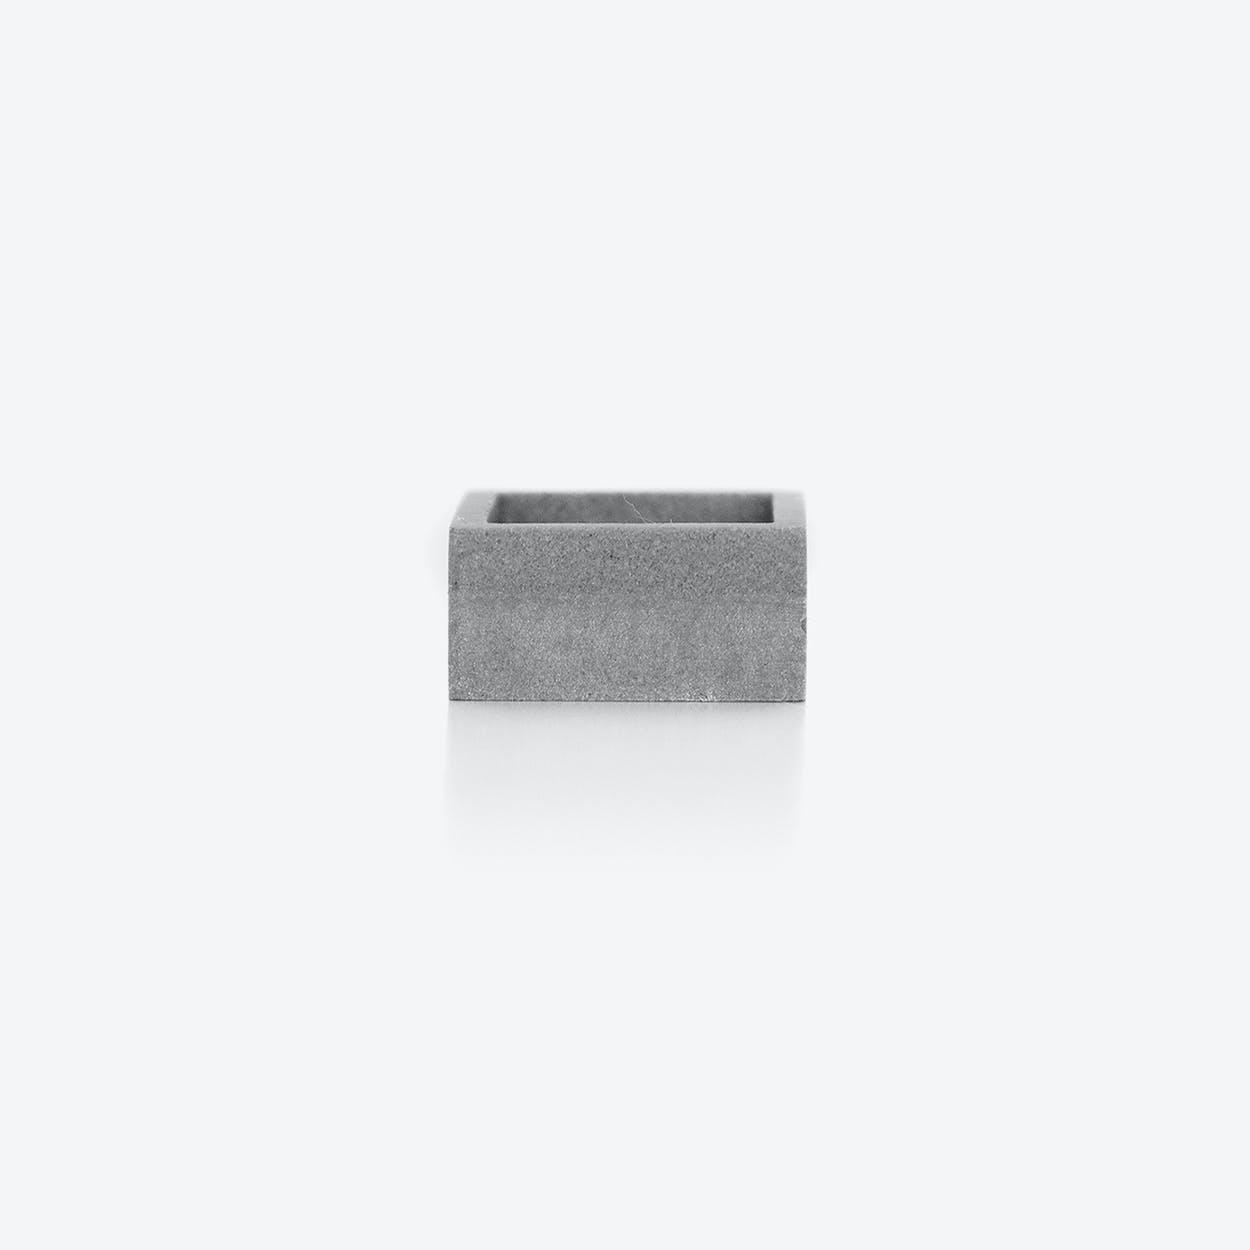 MK3 Grey Symmetric Concrete Ring